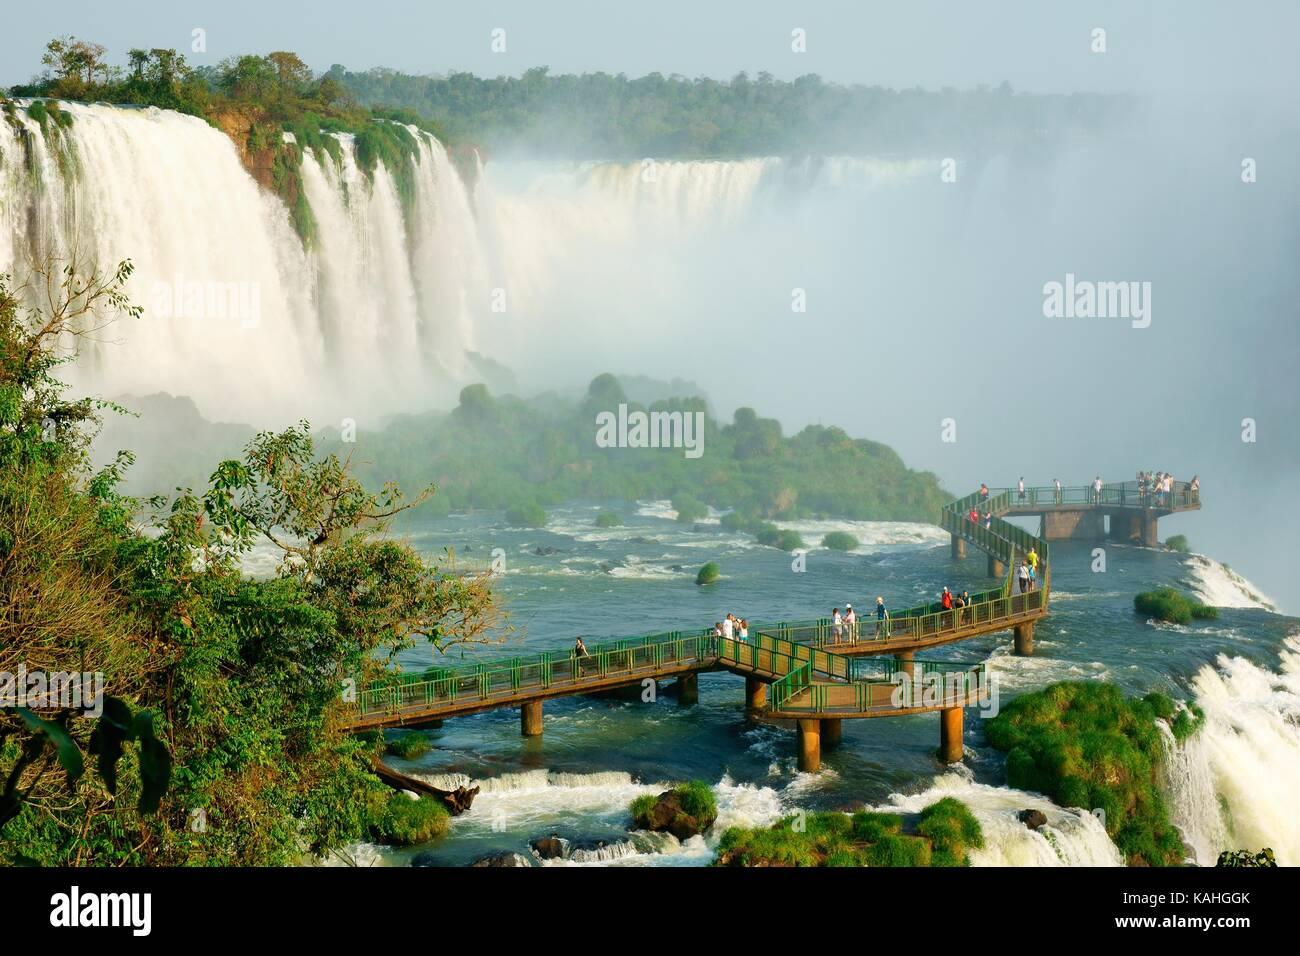 Los turistas sobre una plataforma de visualización, las cataratas de Iguazú, Foz do Iguazú, el Parque Imagen De Stock